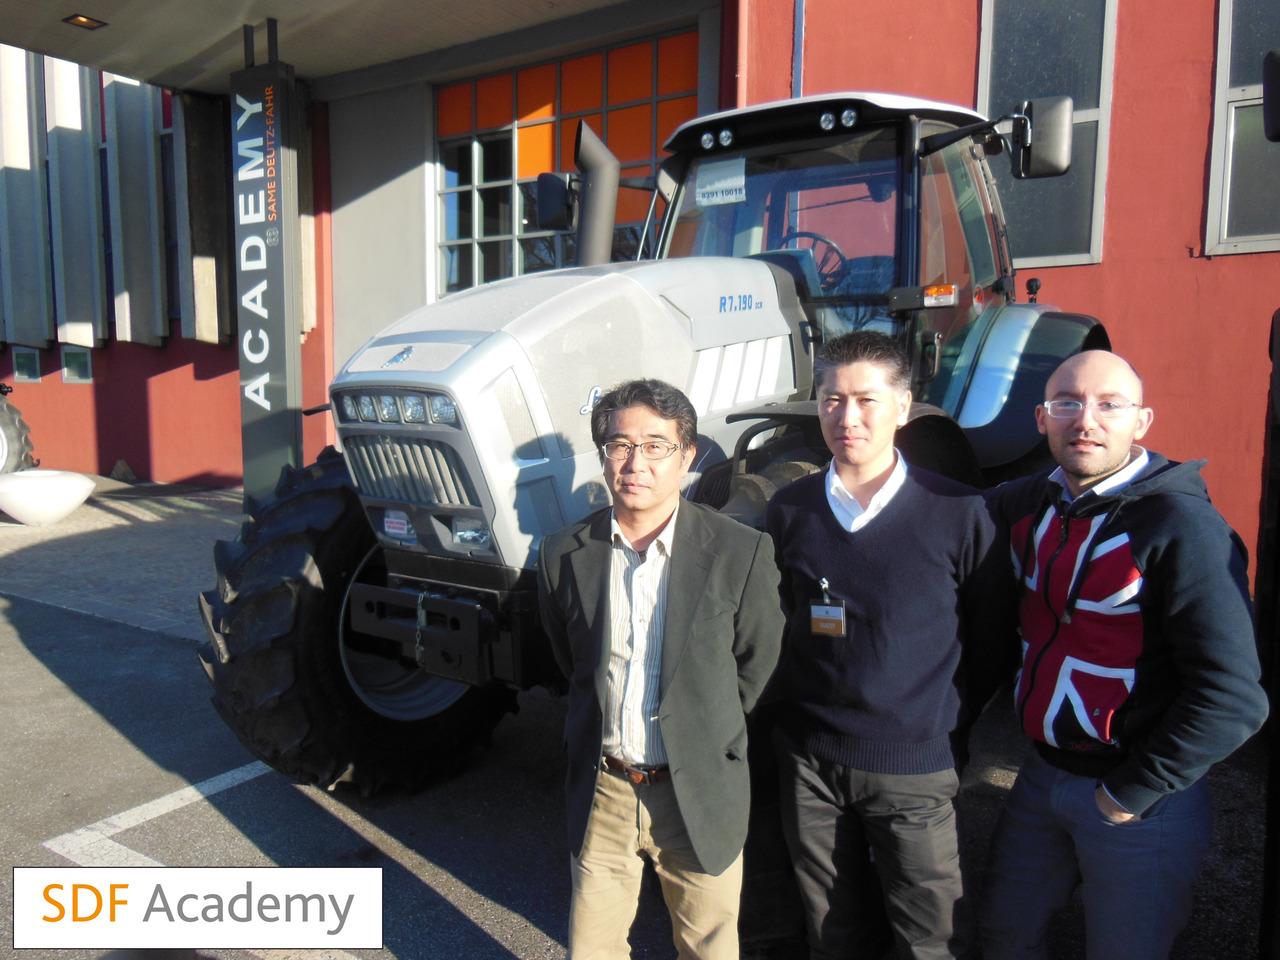 SDF Academy - Corso con tecnici giapponesi